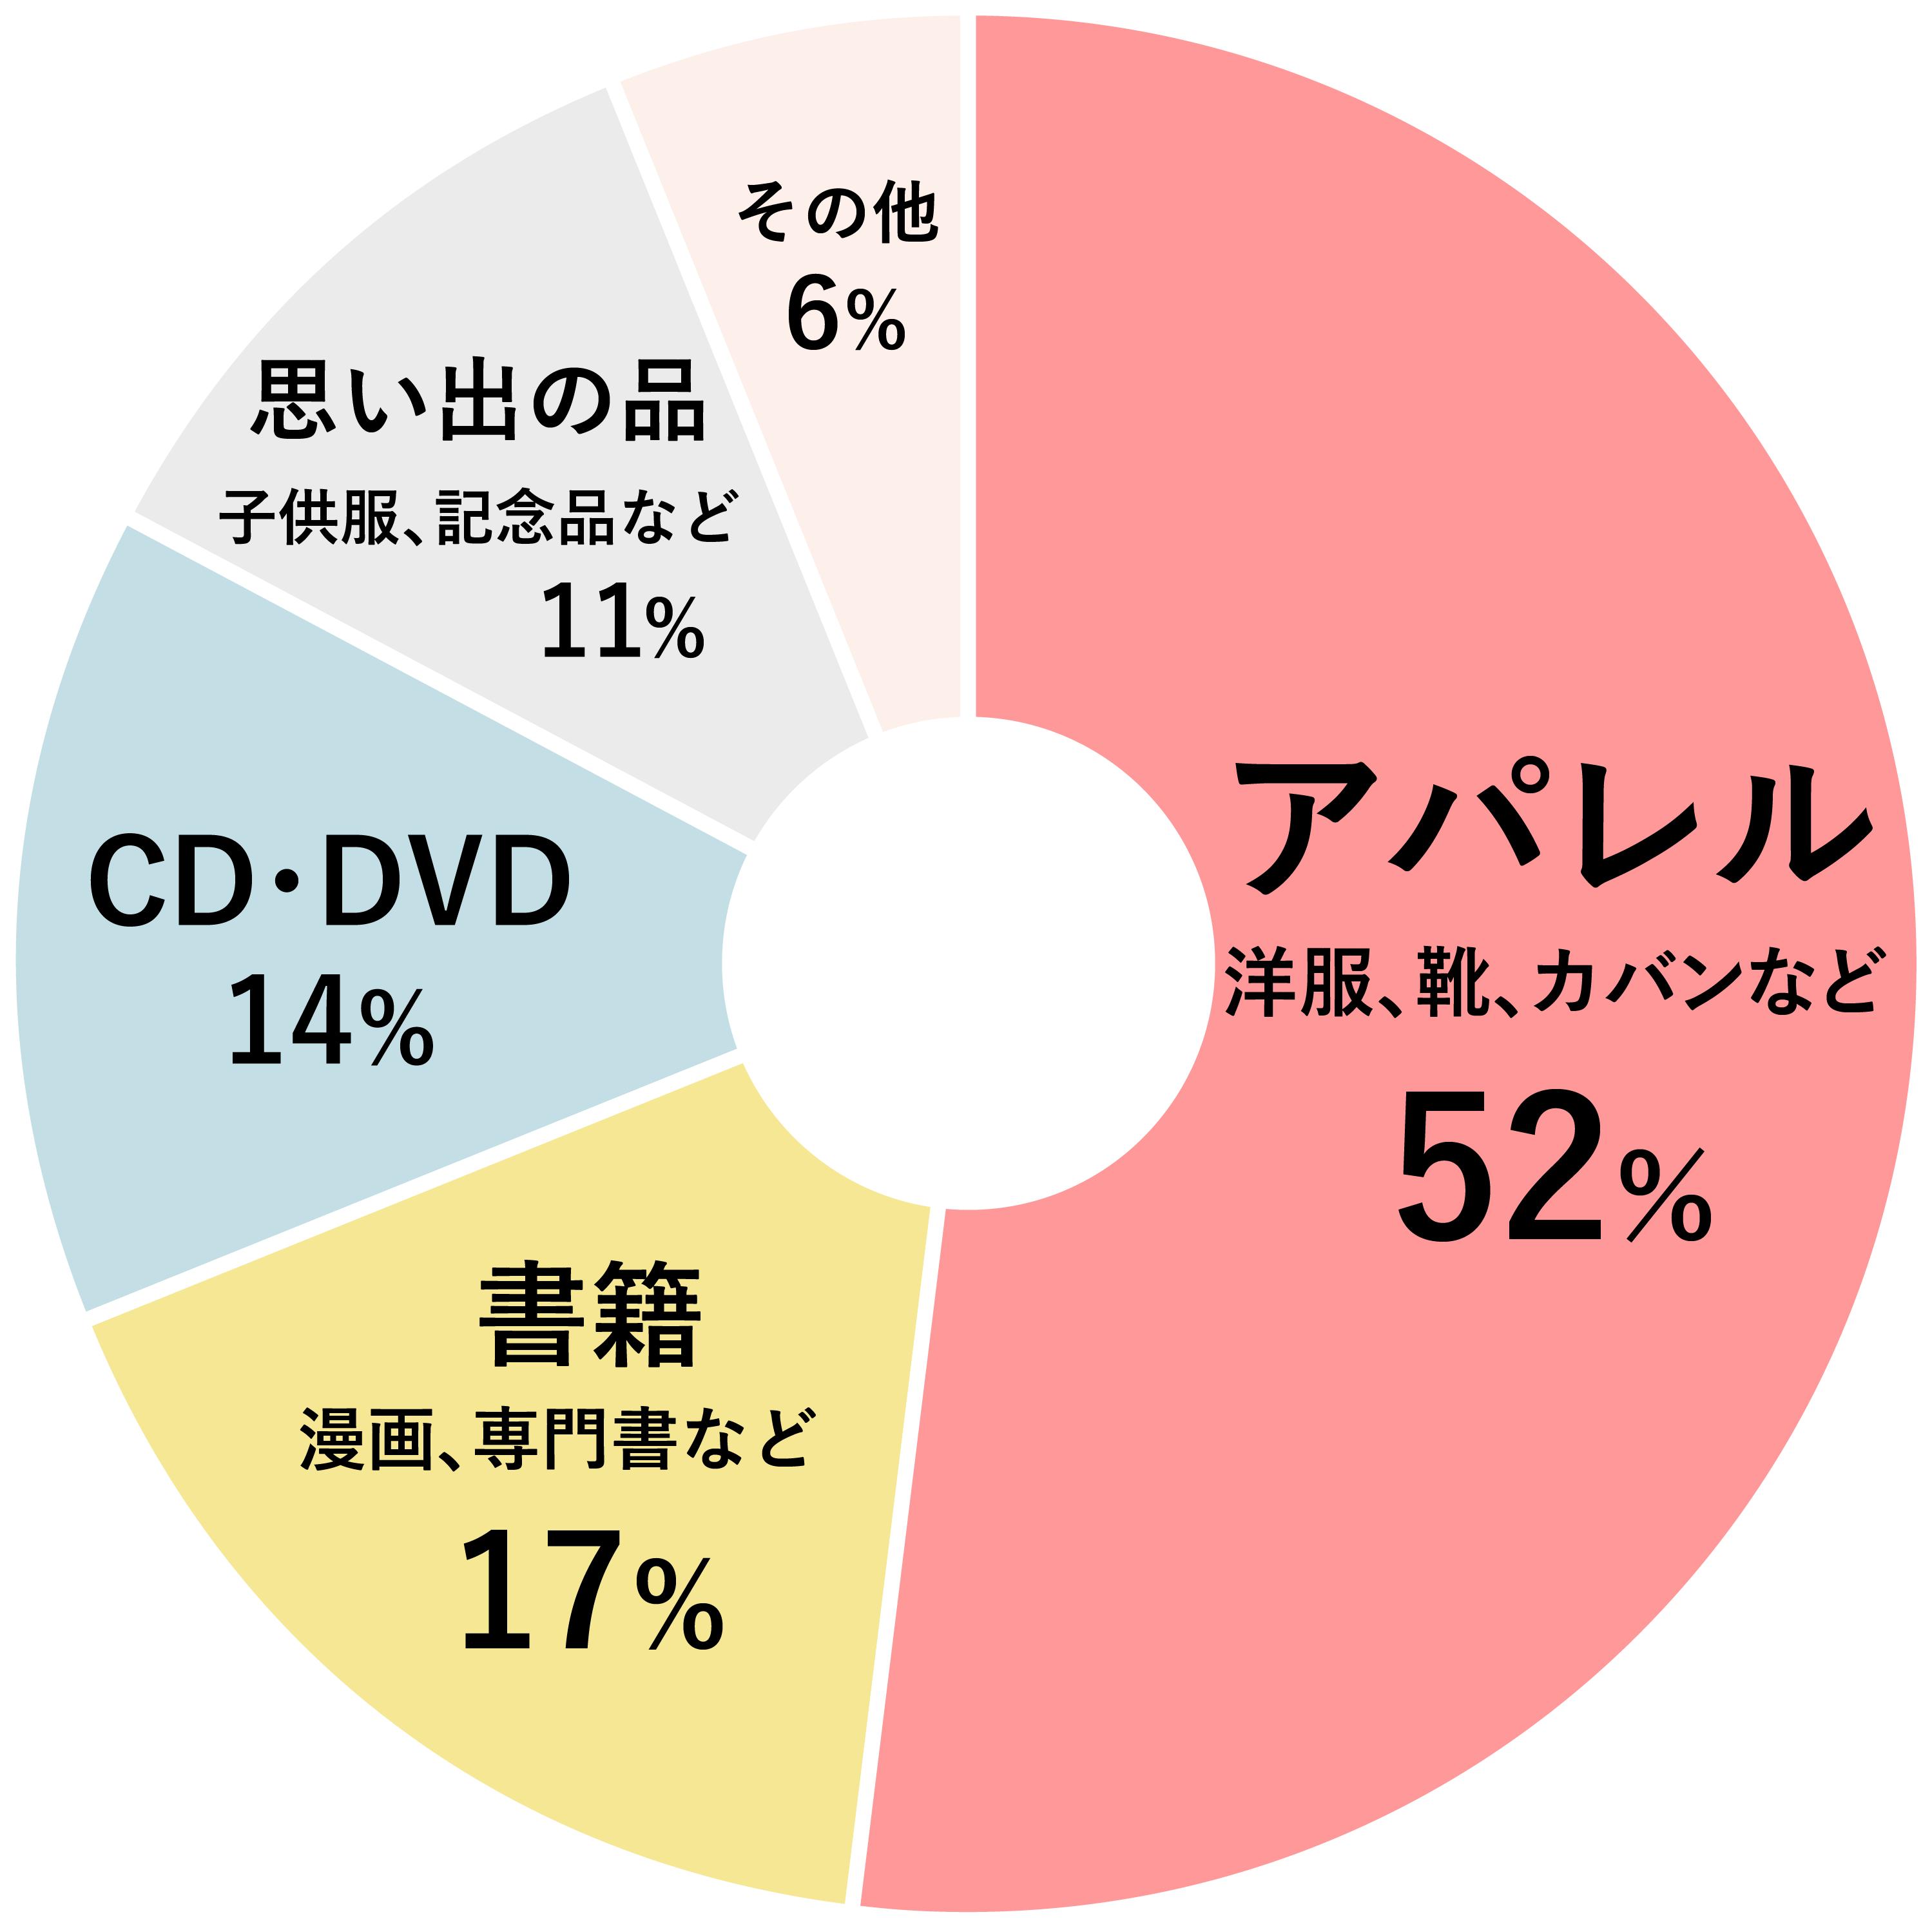 預けられているアイテムの円グラフ